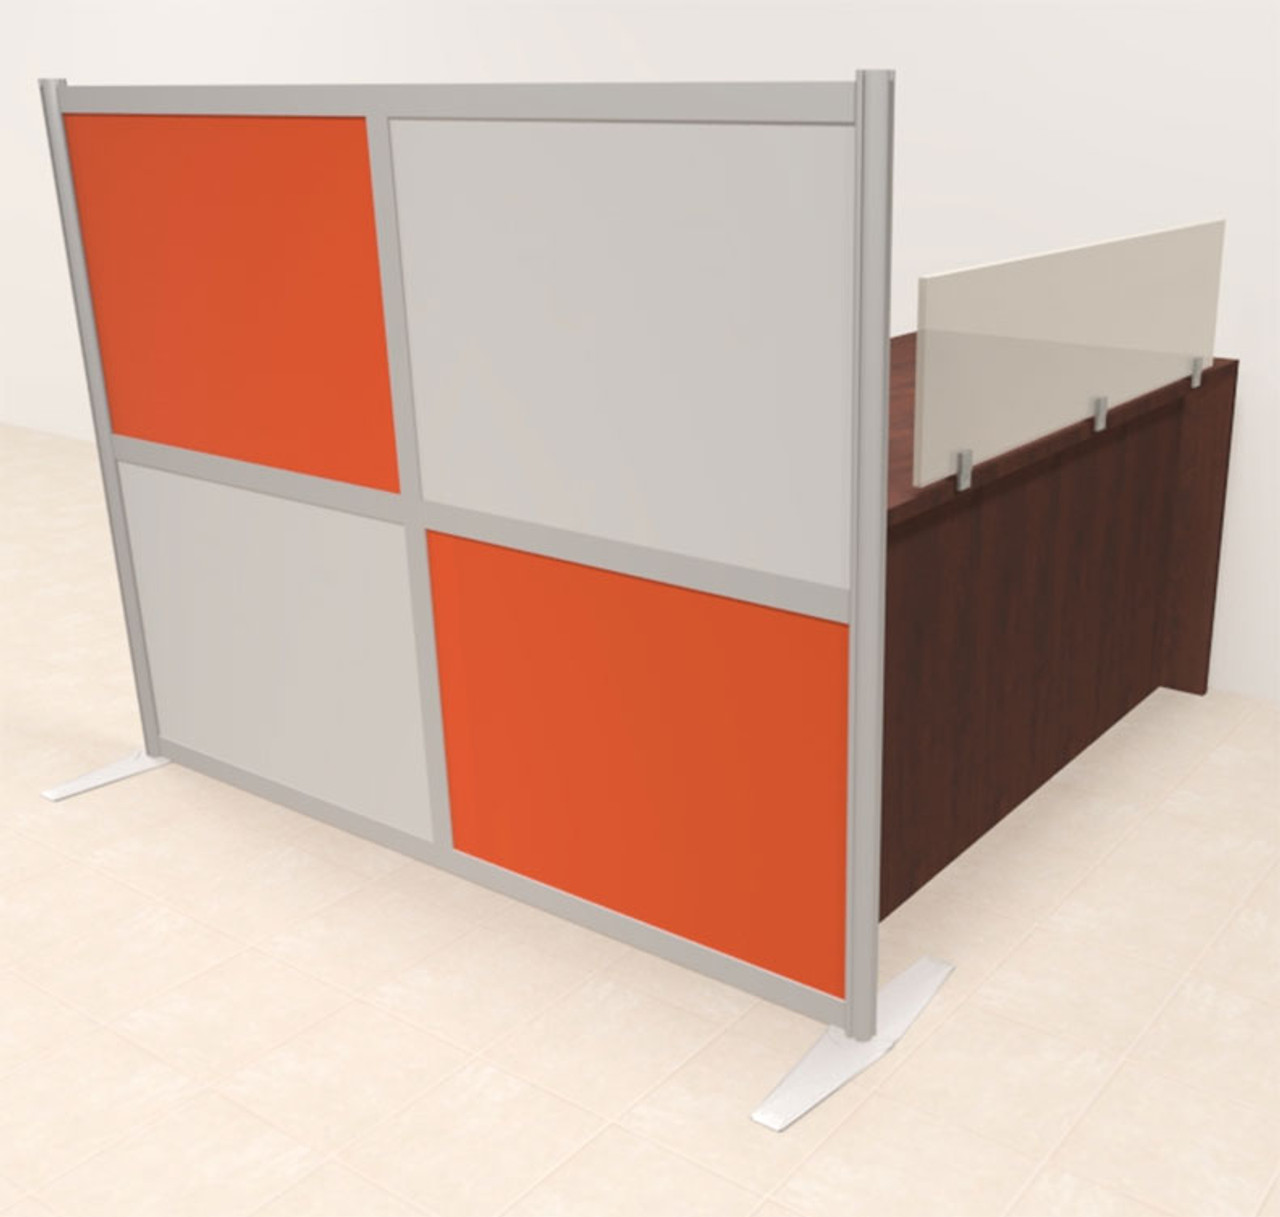 One Person Workstation w/Acrylic Aluminum Privacy Panel, #OT-SUL-HPO110